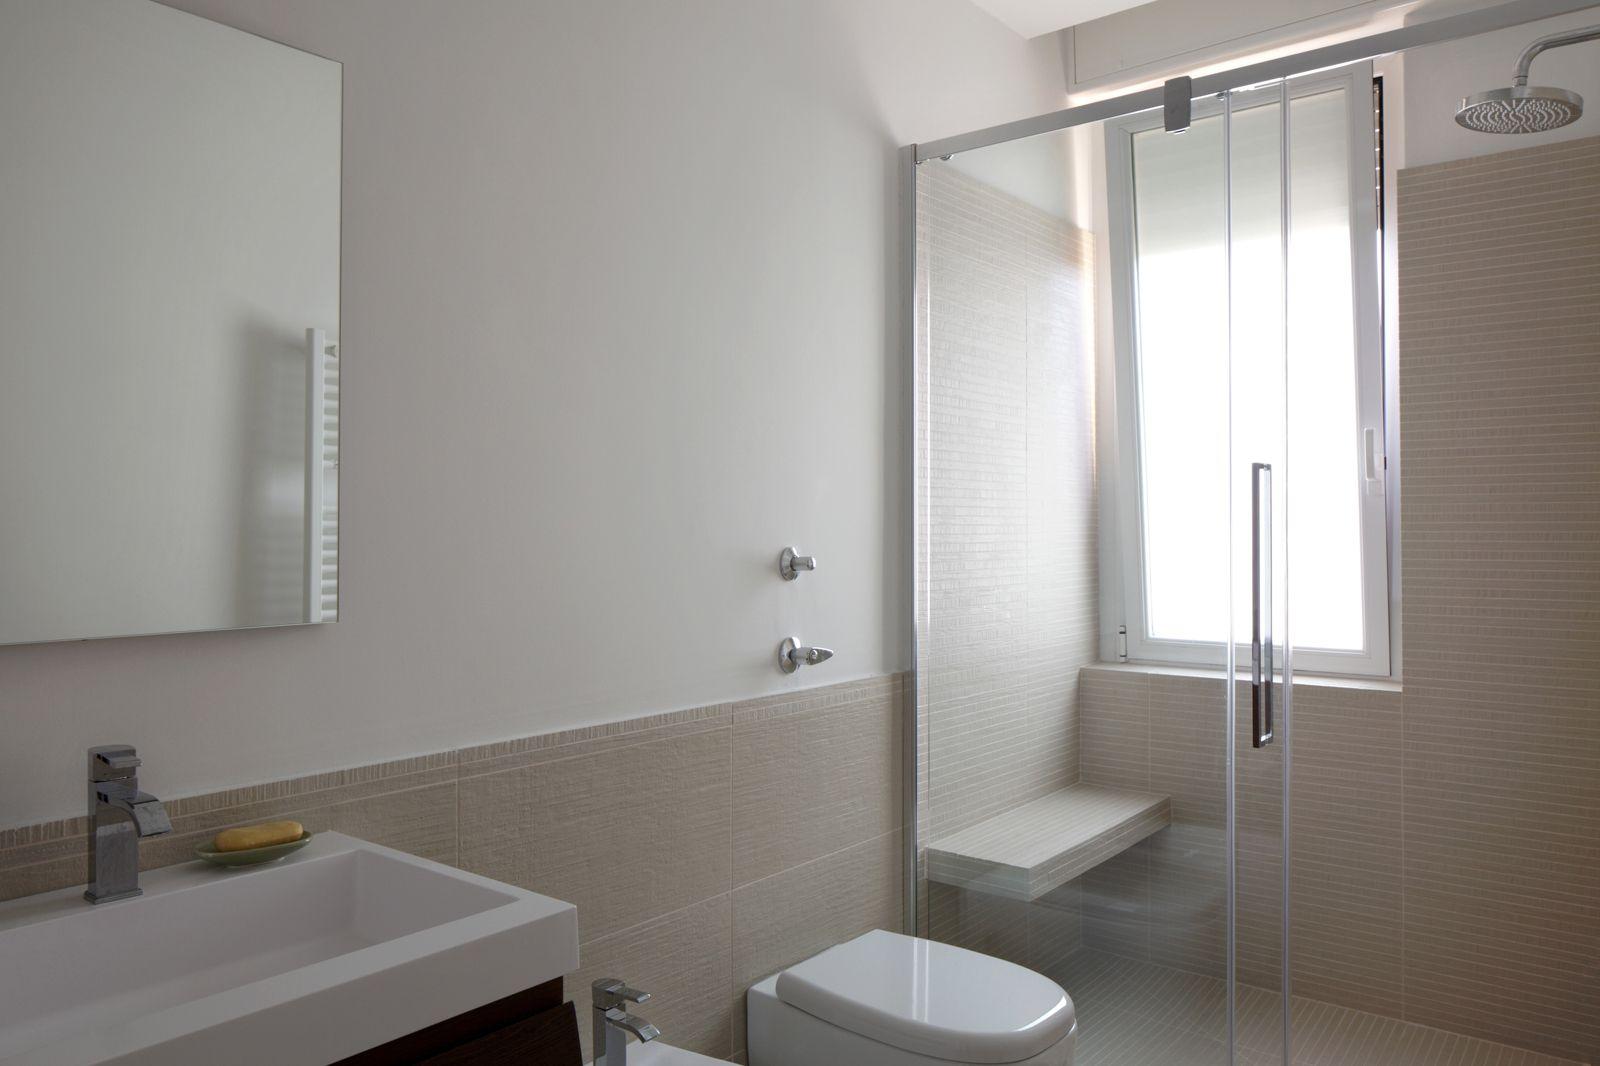 Bagno sottotetto ~ Finestra nella doccia casa finestra bagno e bagni